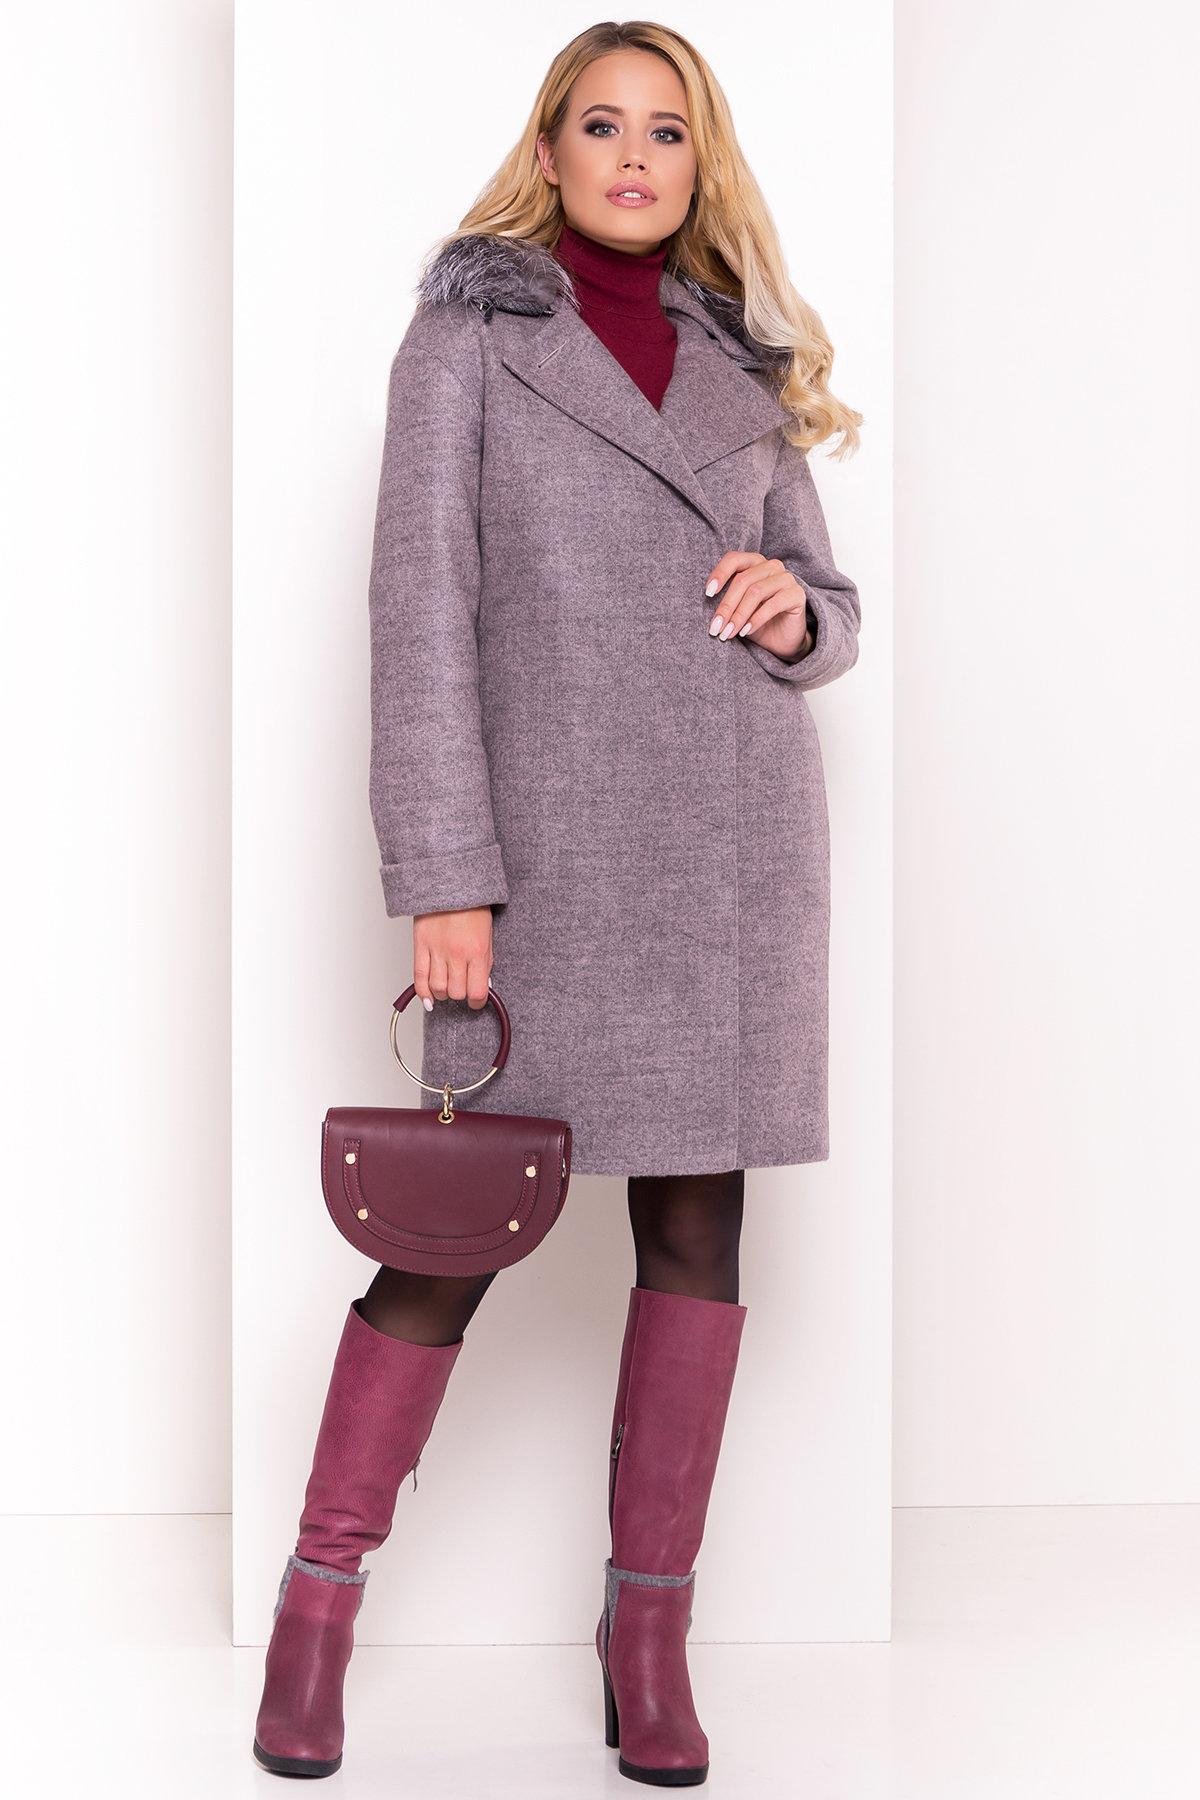 Пальто зима Приора 5669 АРТ. 38174 Цвет: Карамель 20 - фото 4, интернет магазин tm-modus.ru